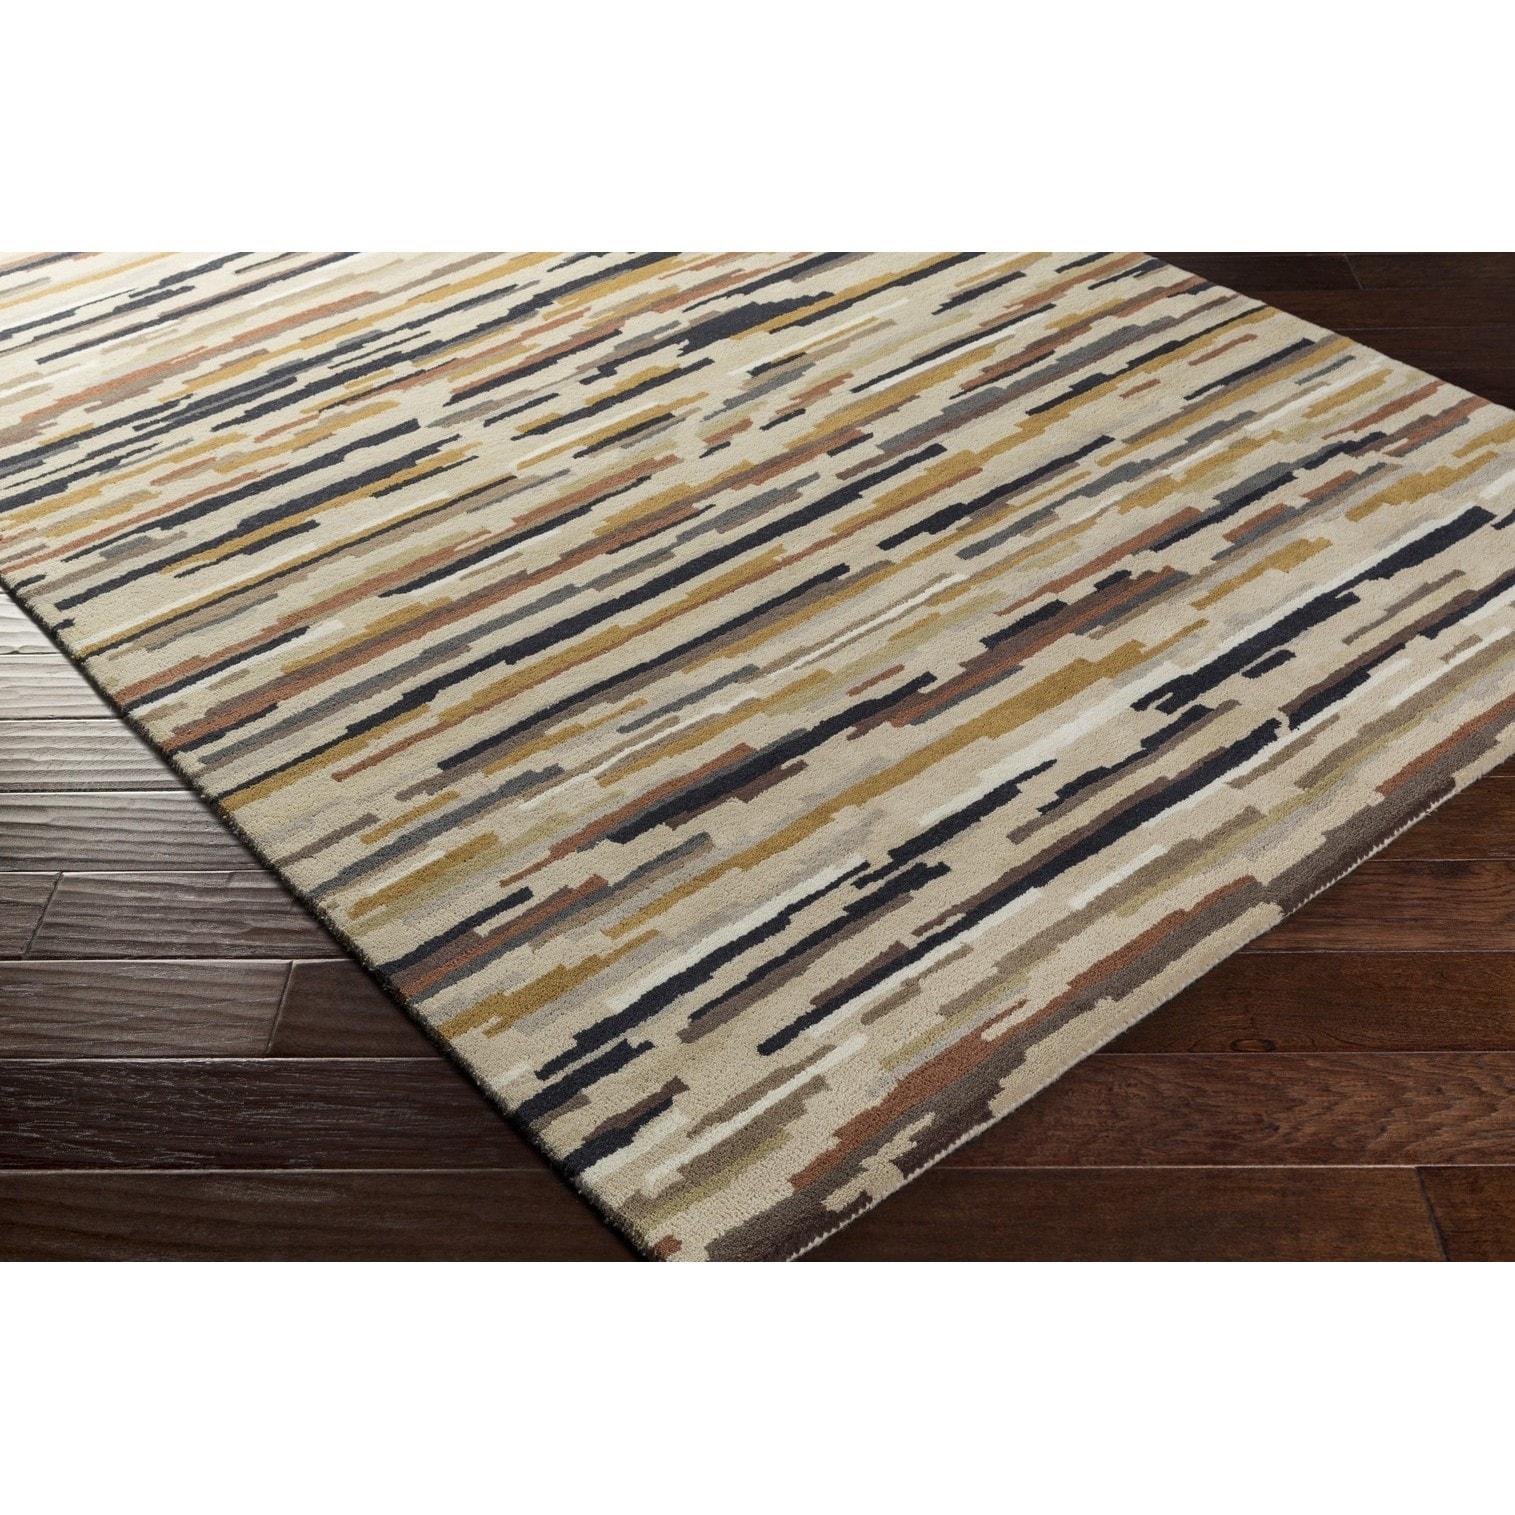 Hand Tufted Hyatt Wool Rug (5' x 8') (Beige), Size 5' x 8'